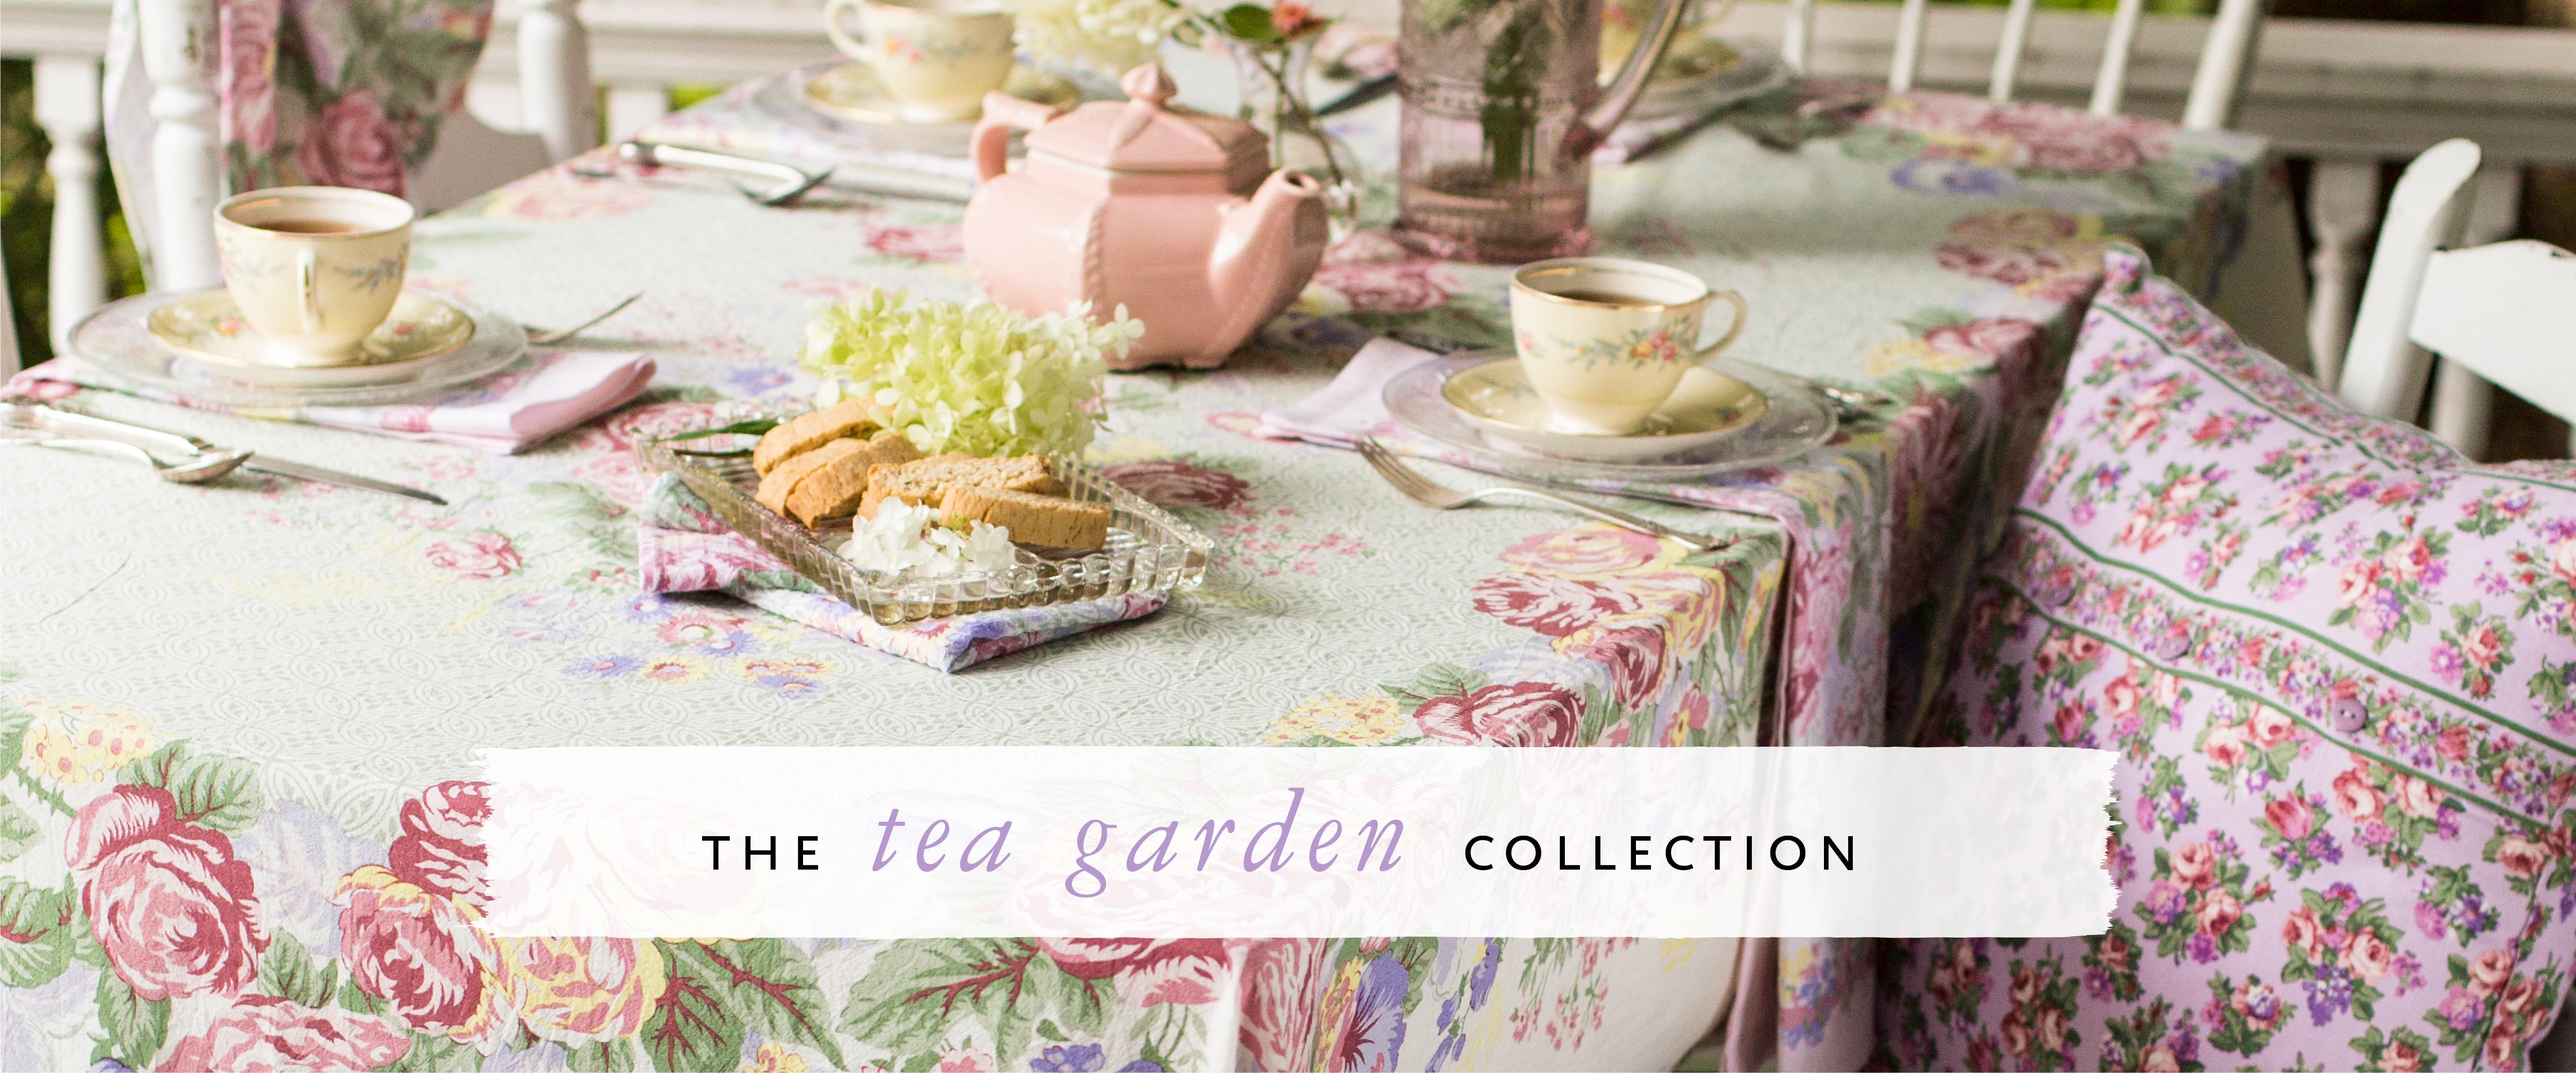 The Tea Garden Collection